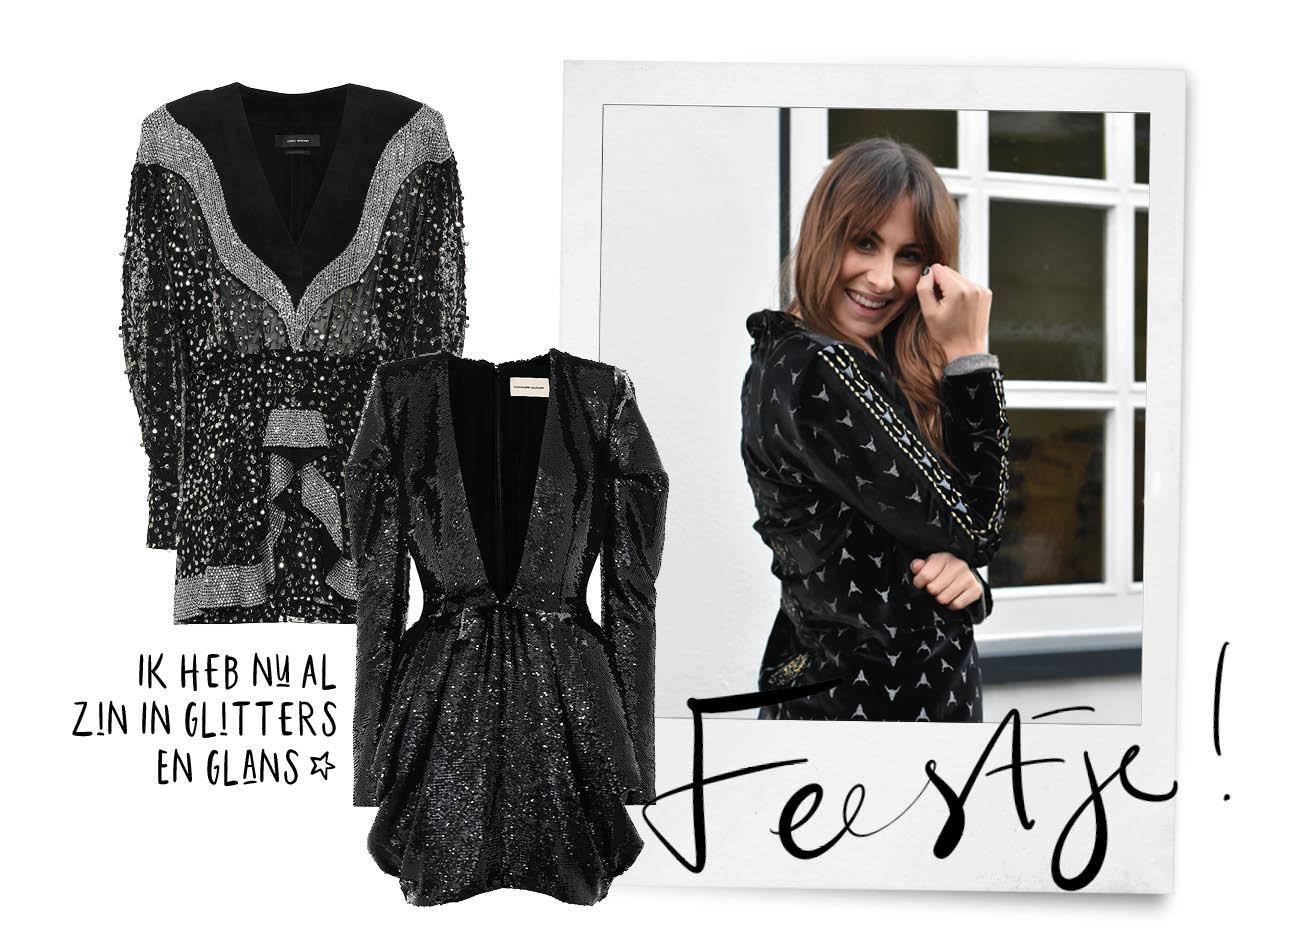 Lilian brijl lachend in een jasje van alix the label met glitter jurkjes